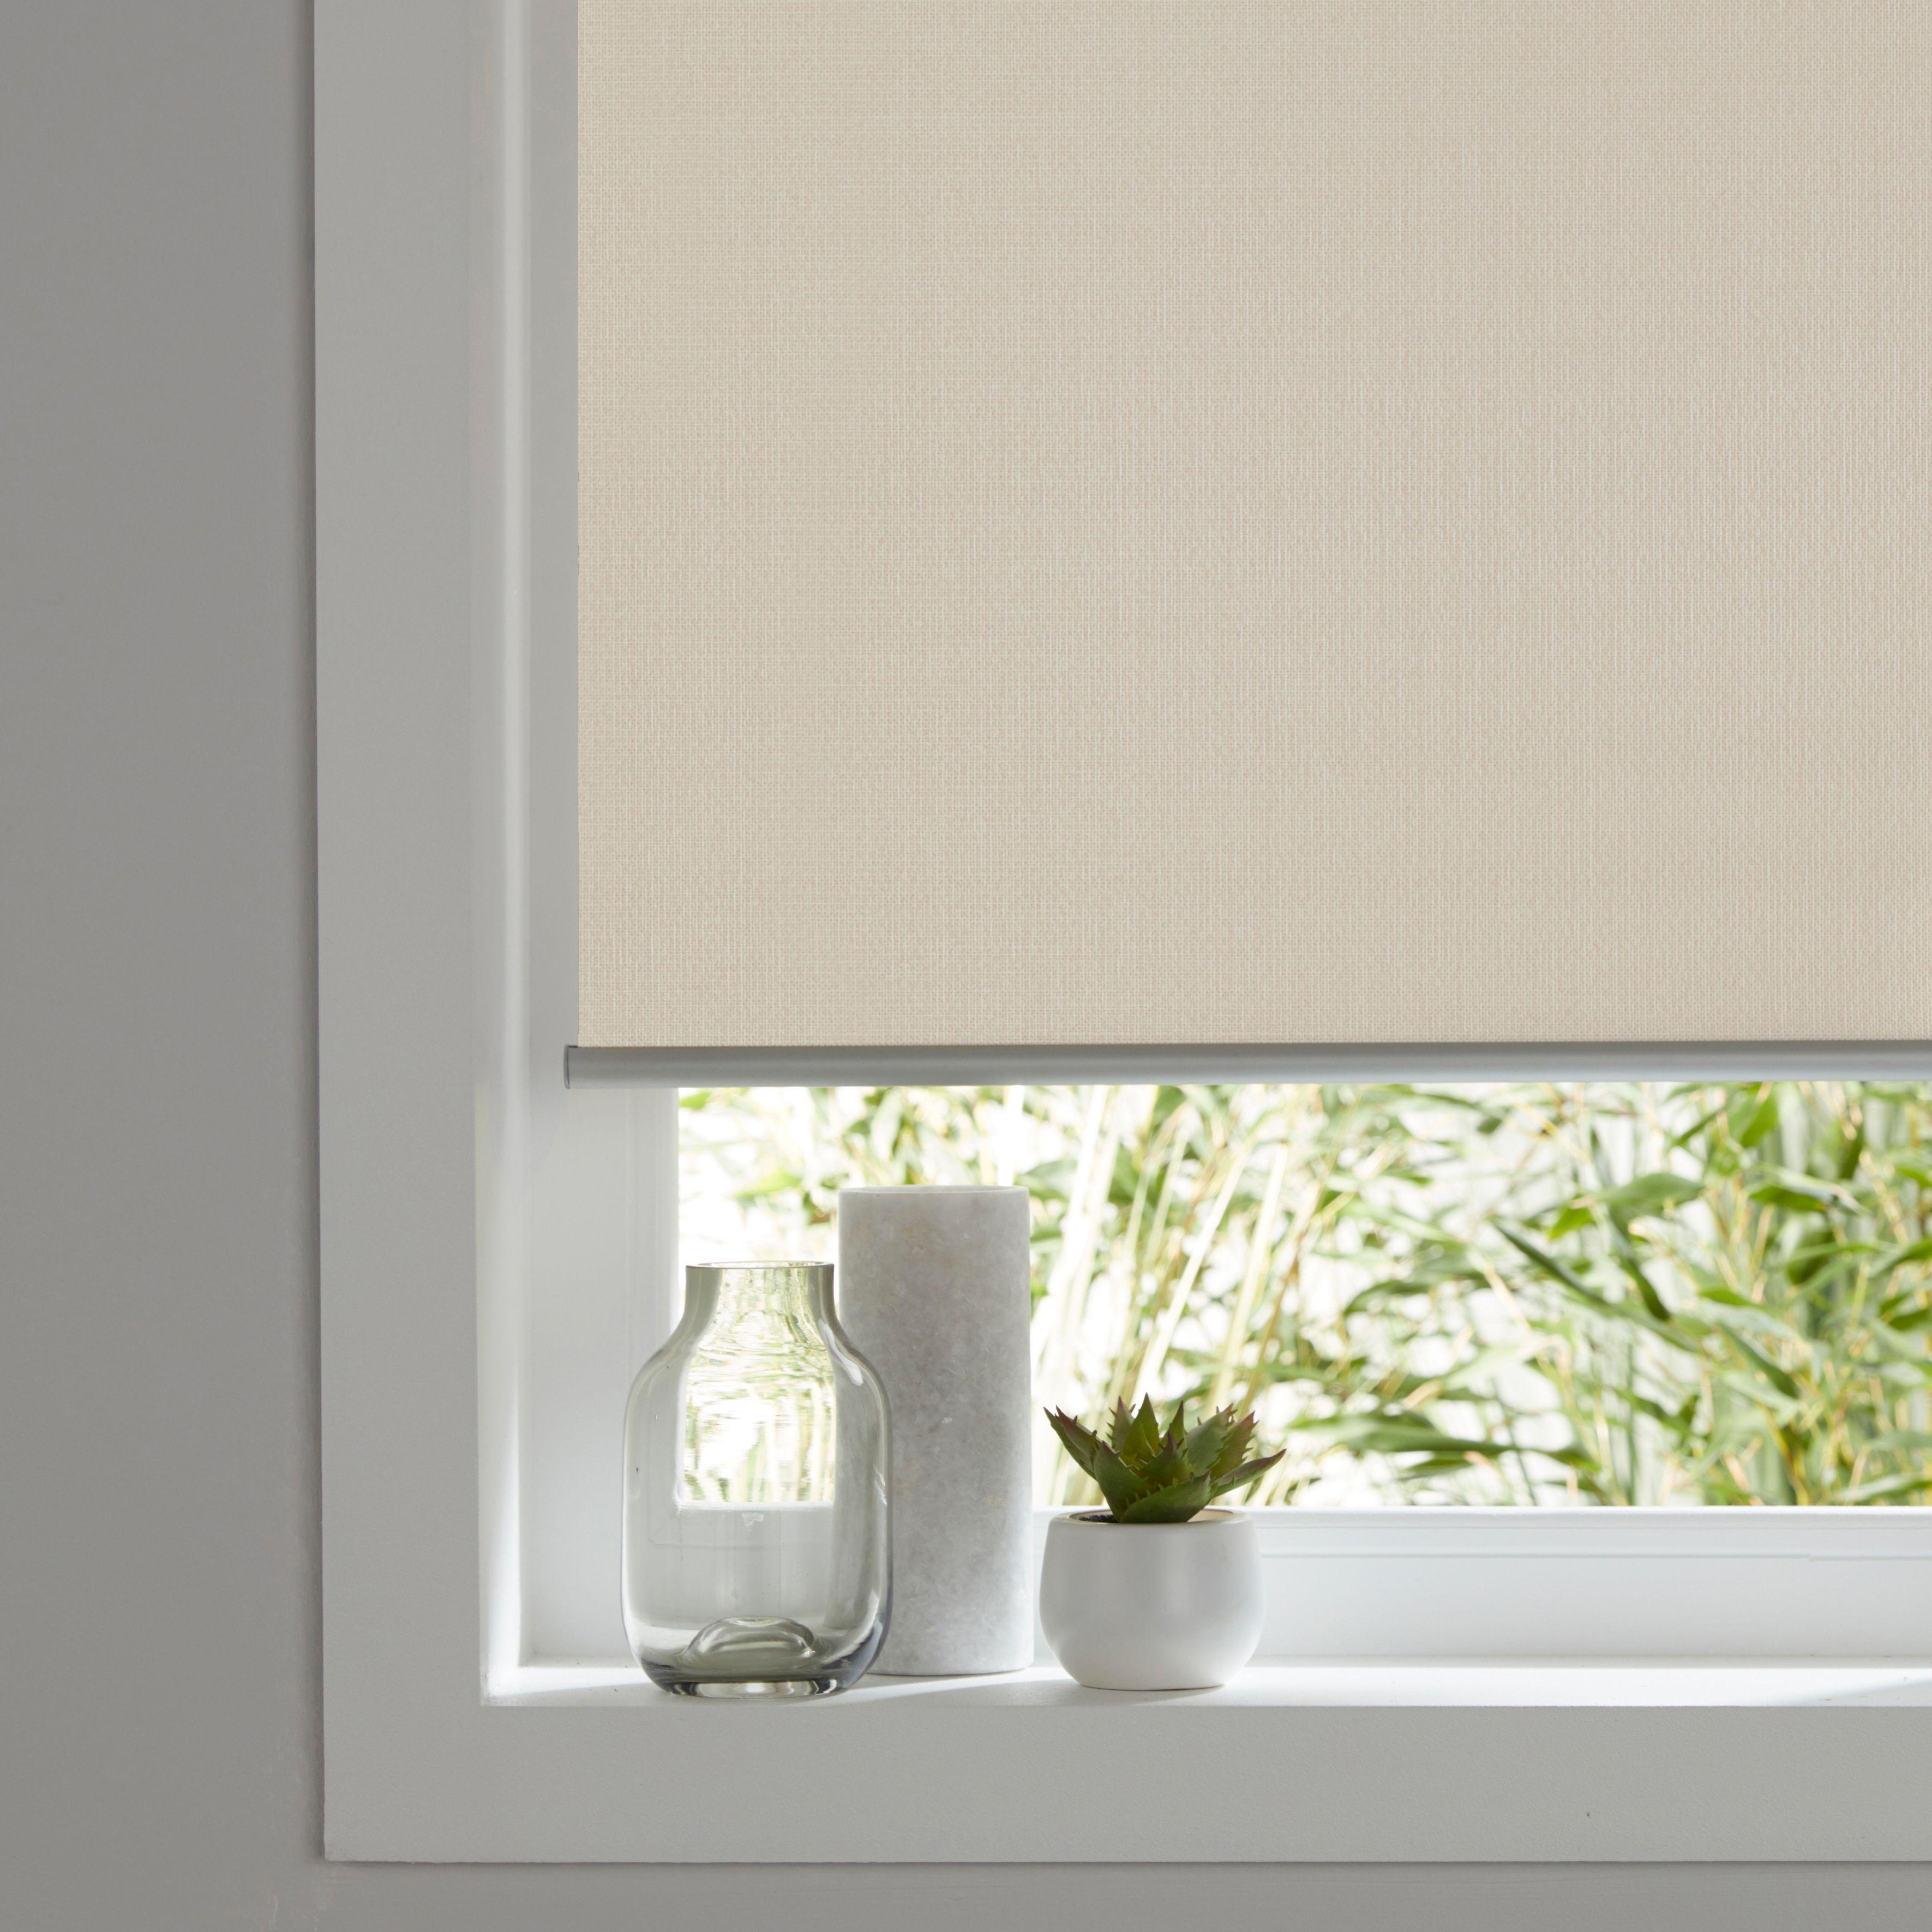 Ilas Corded Cream Plain Blackout Roller Blind W 90cm L